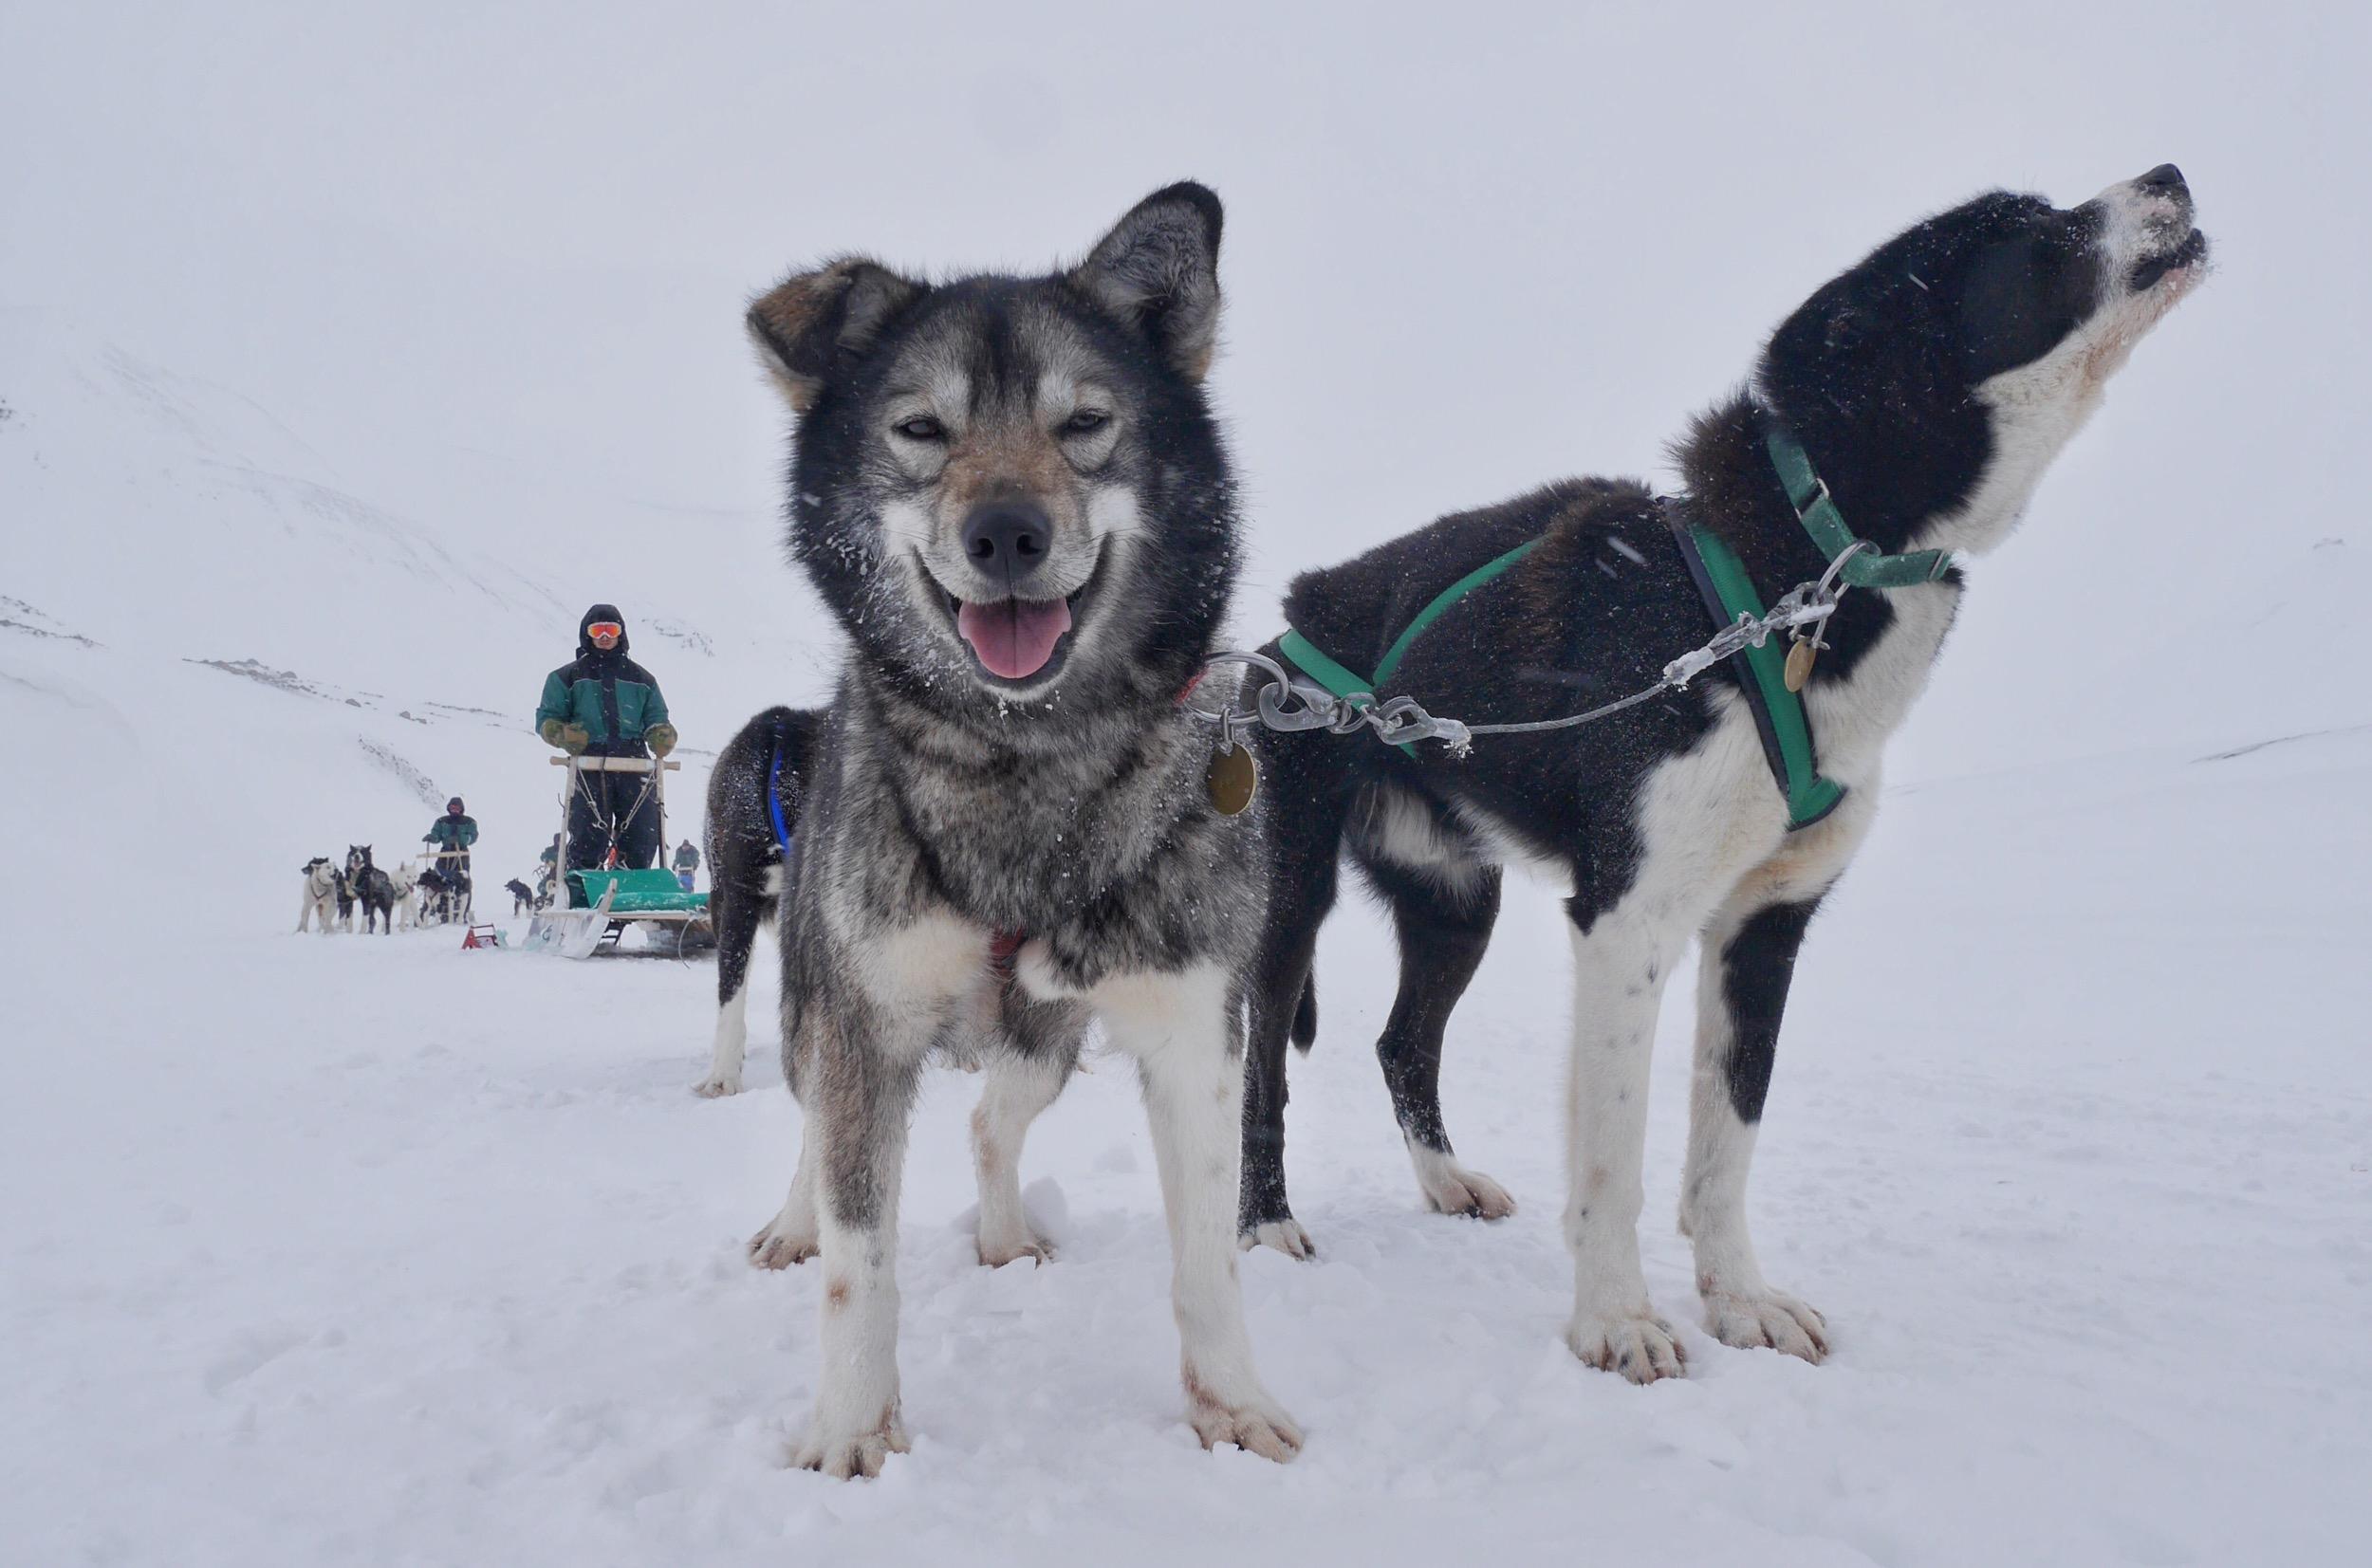 Perros y un trineo - 2500x1653